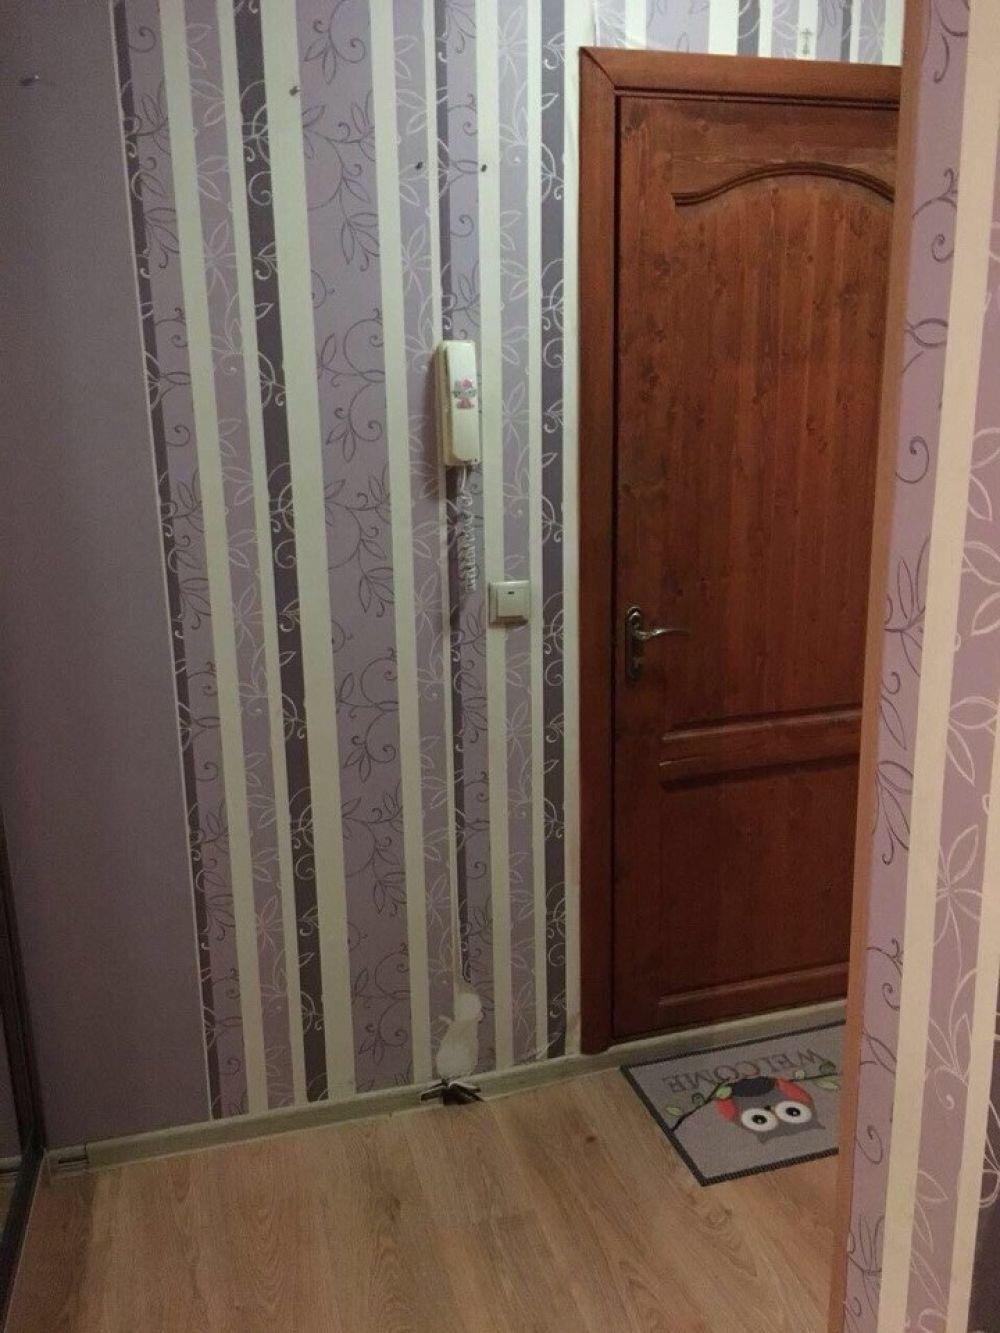 Однокомнатная квартира Московская область г. Королев ул.Коммунальная д.30., фото 6